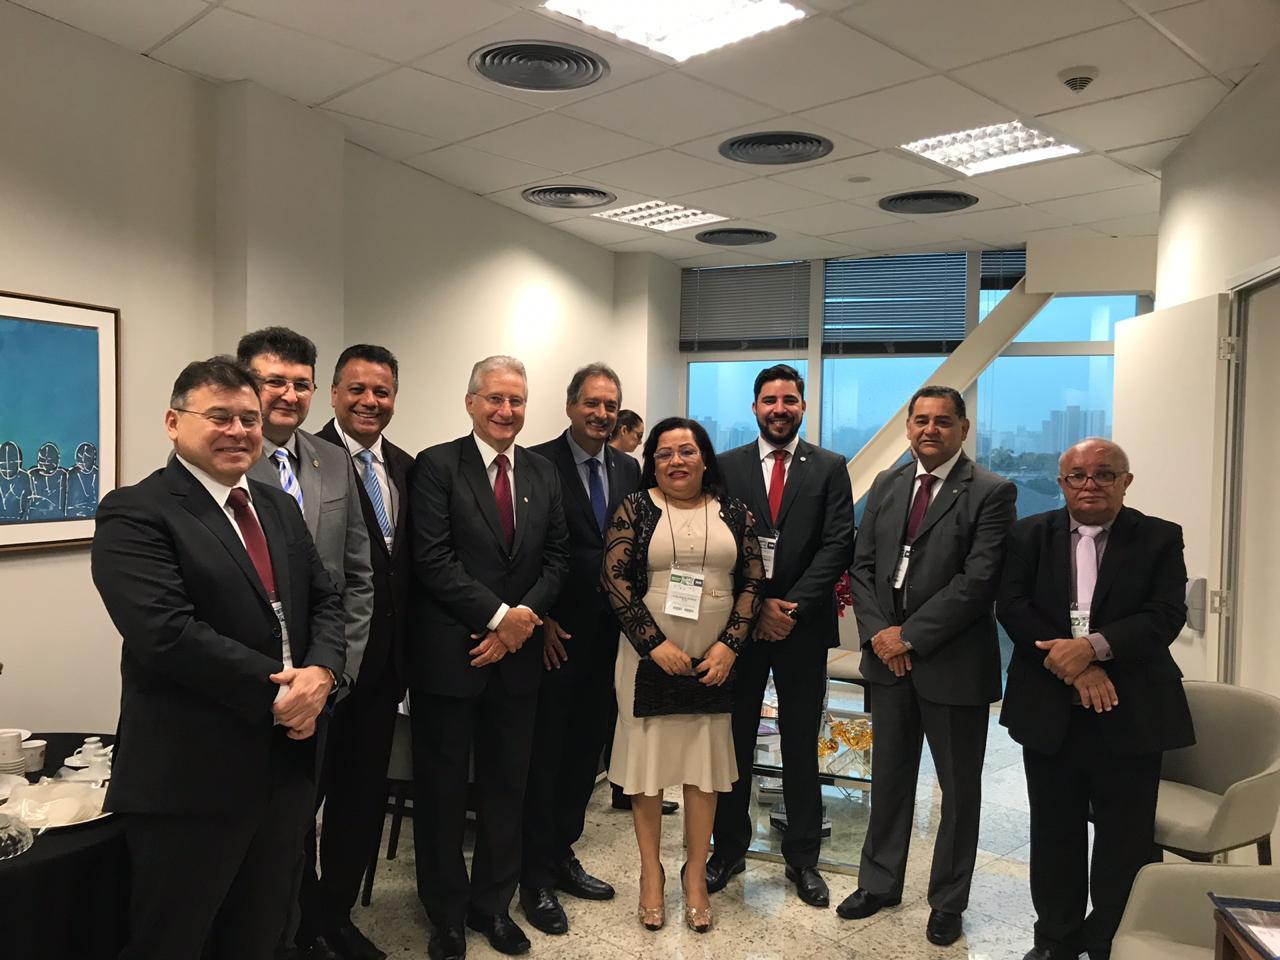 Presidentes, diretores e assessores jurídicos da região Nordeste reúnem-se em Fortaleza